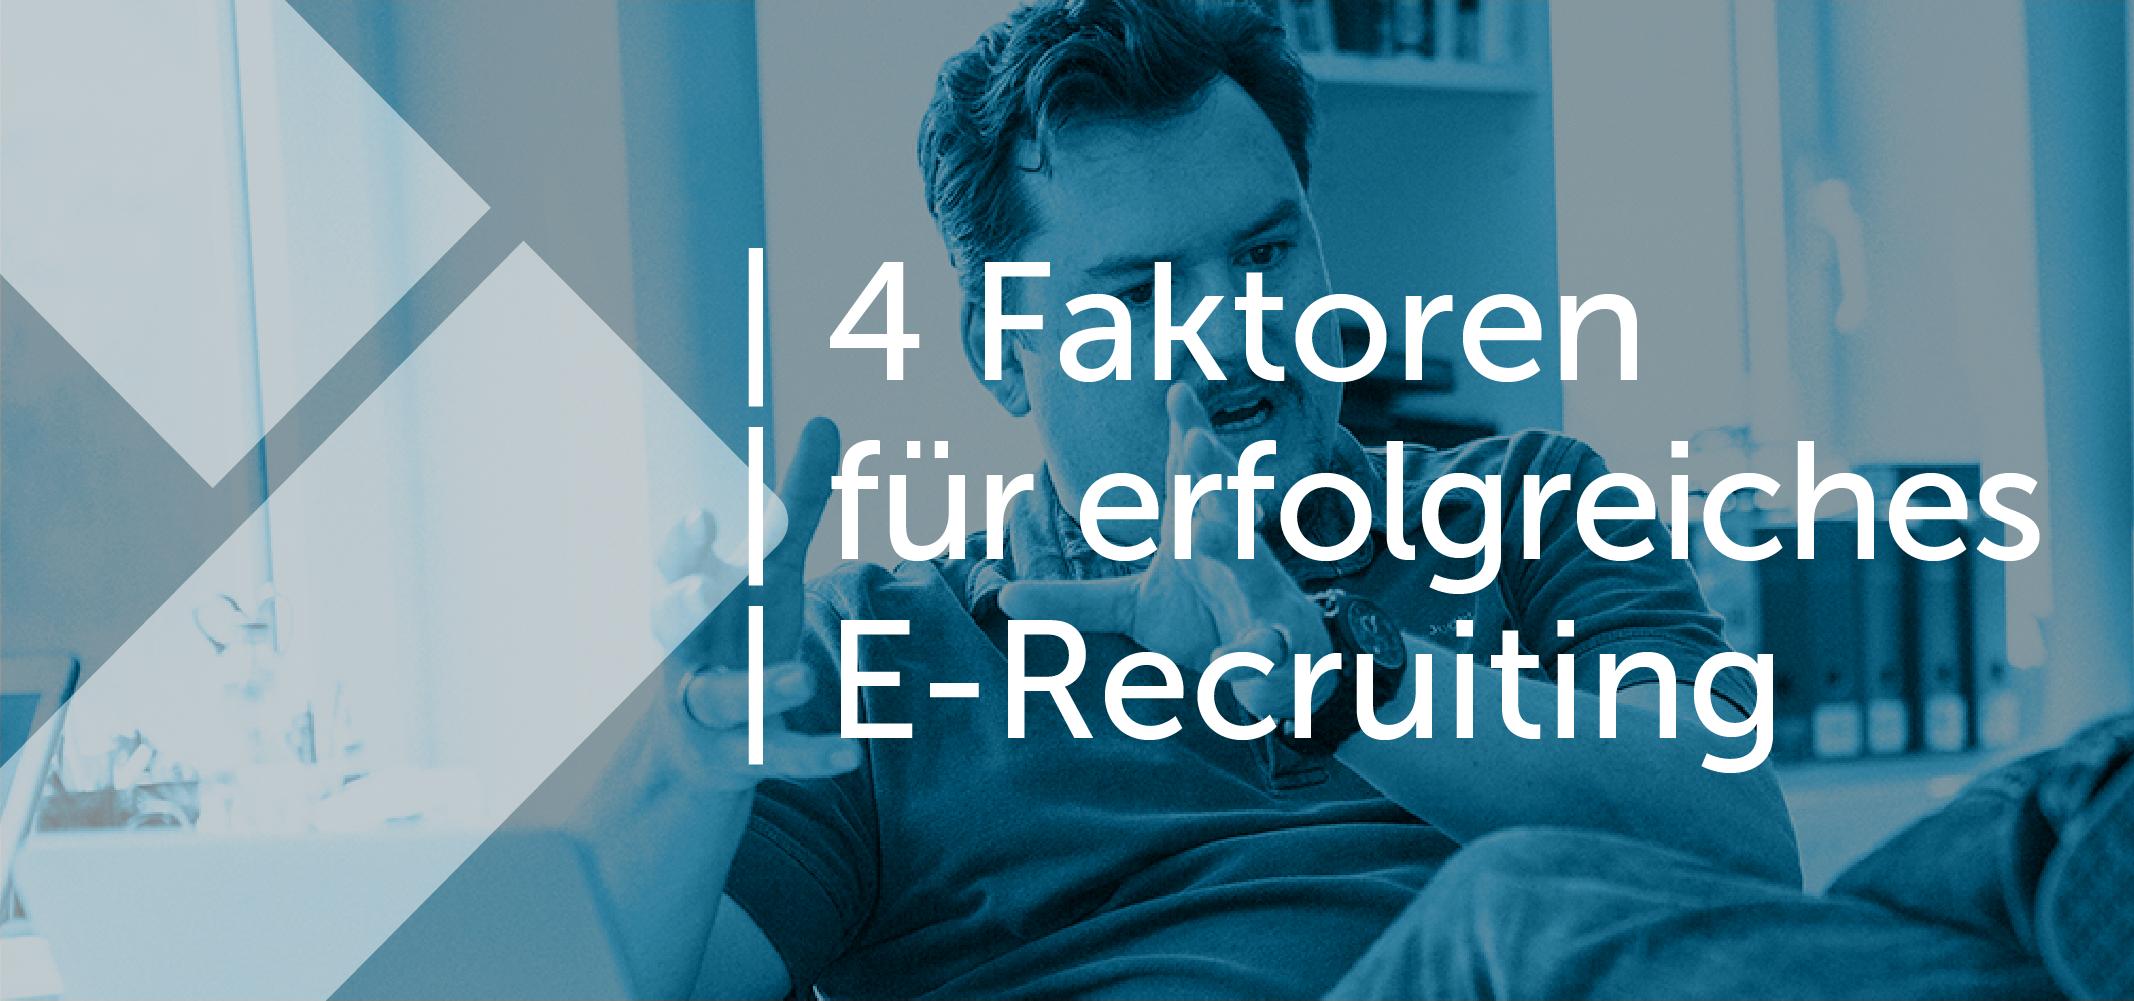 4-faktoren-fuer-erfolgreiches-online-recruiting-1.png